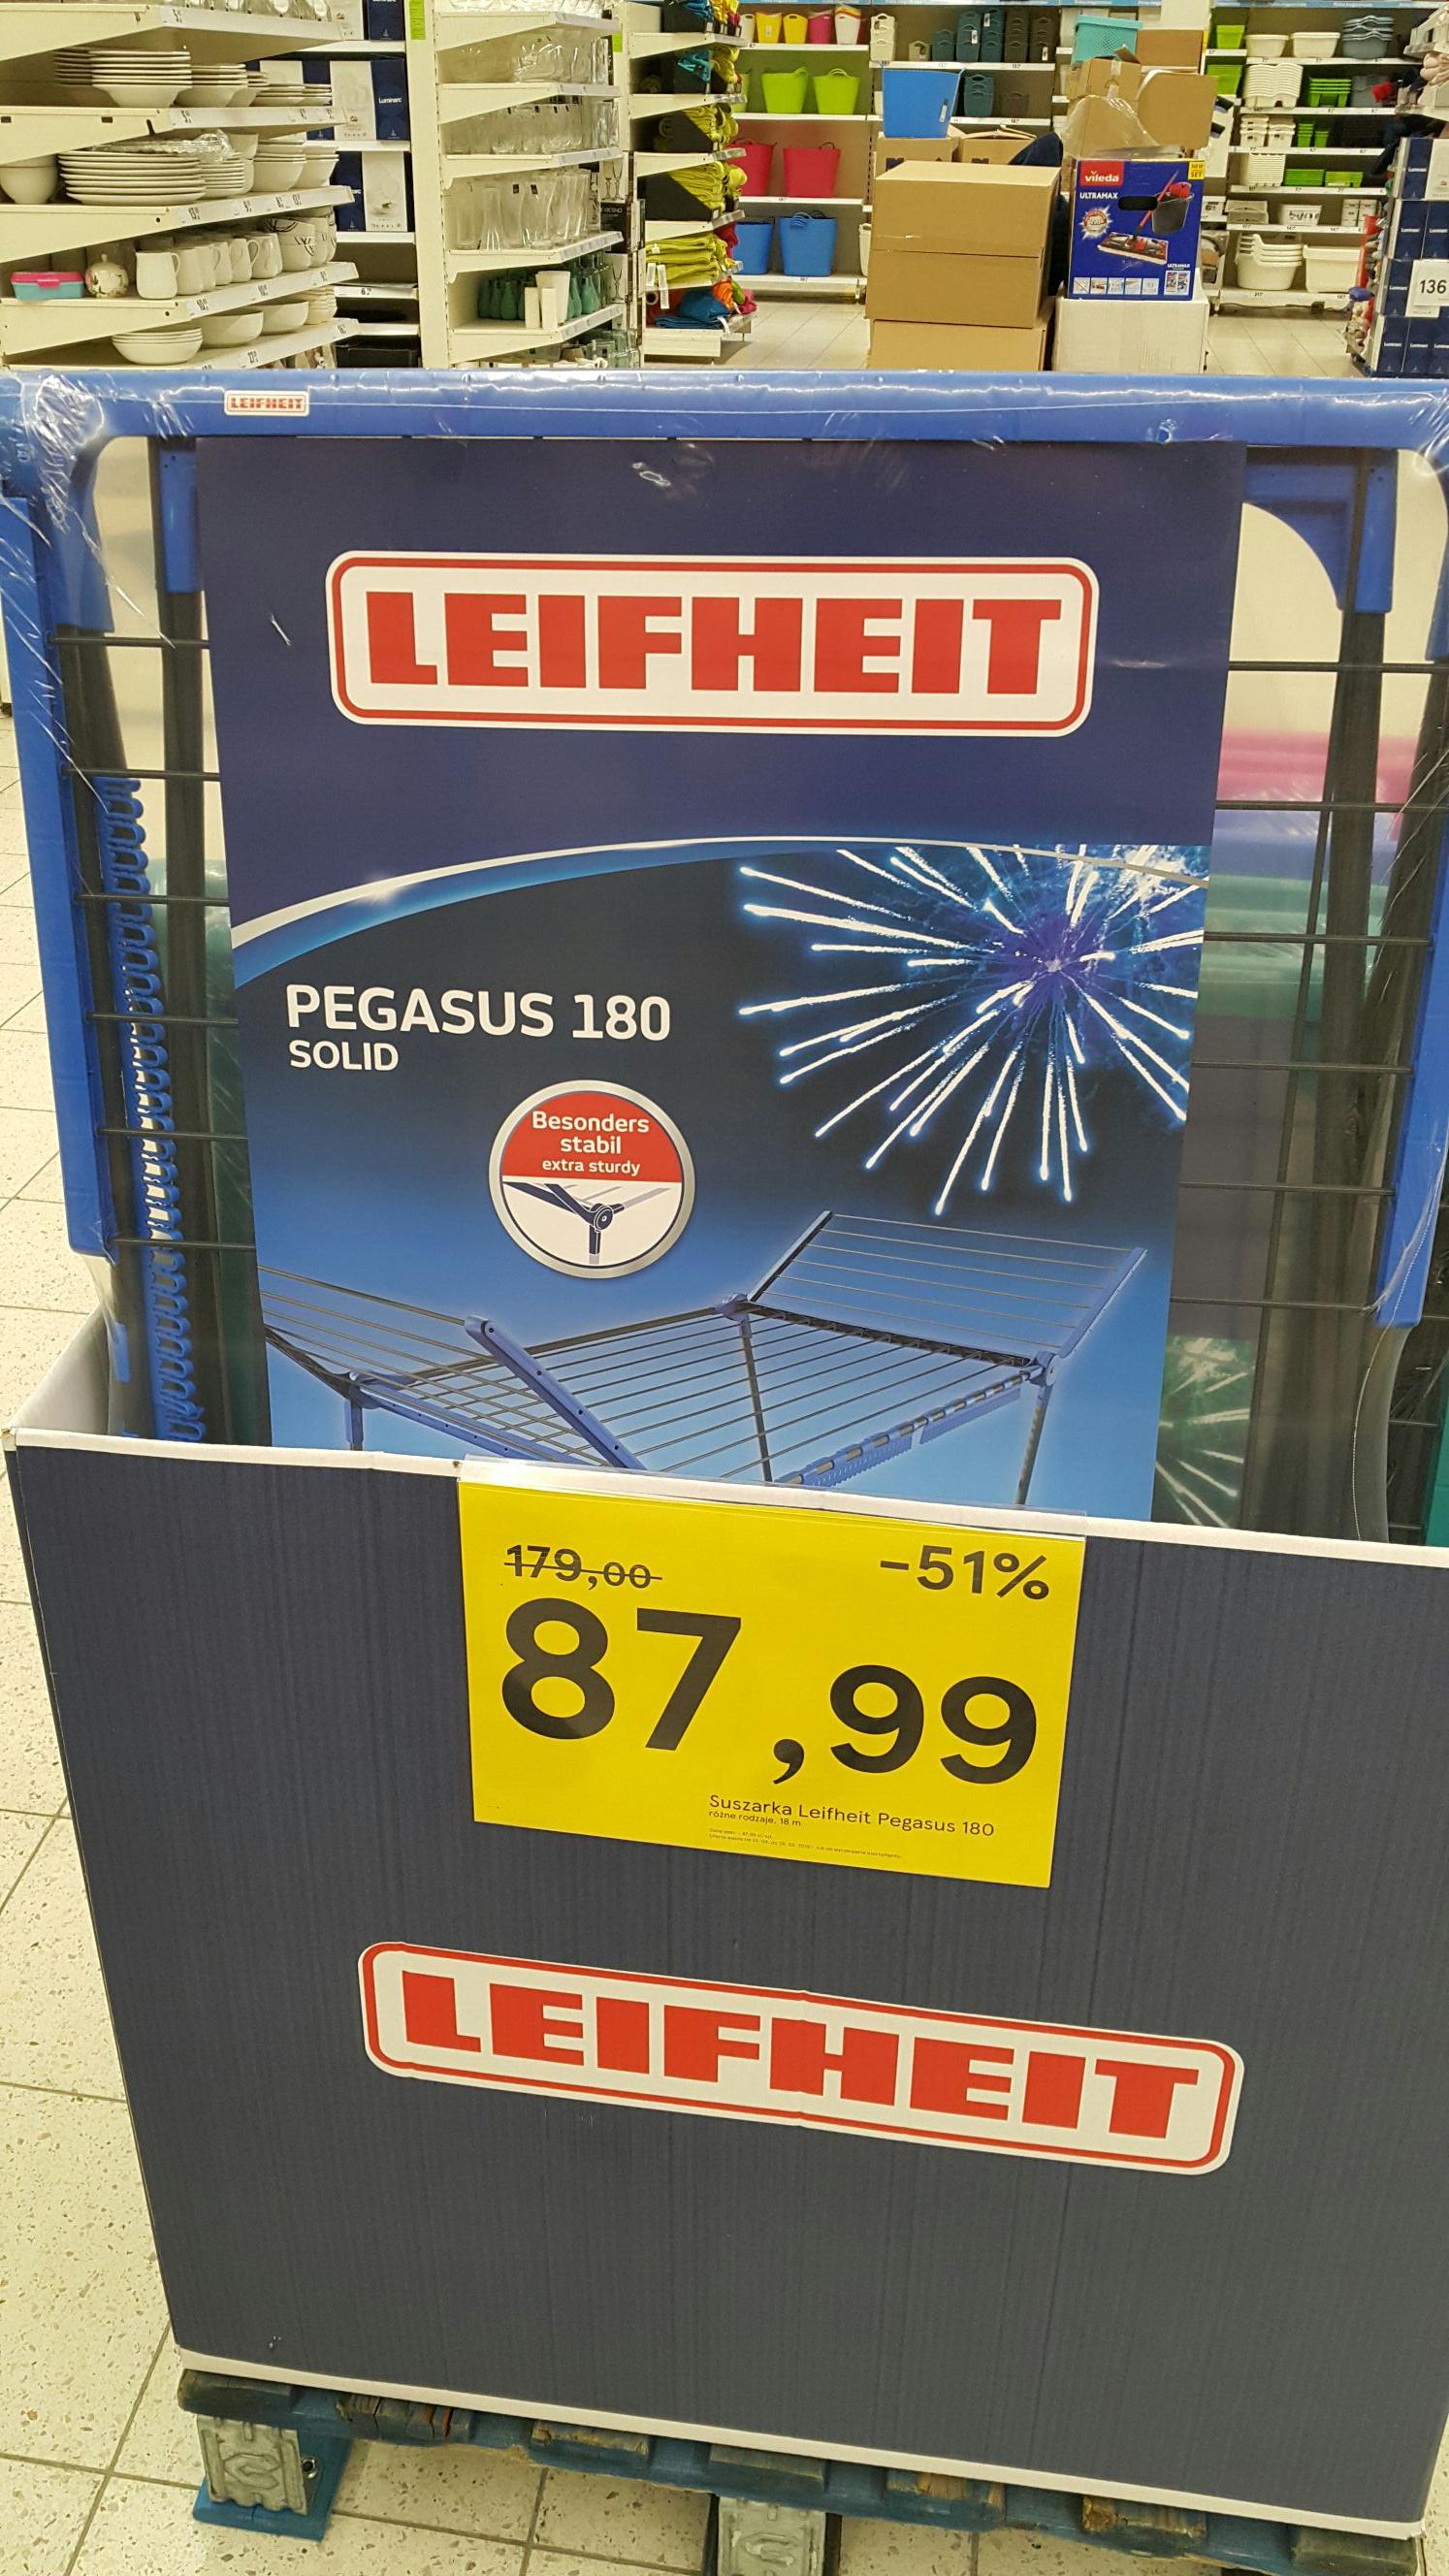 suszarka do prania Leifheit Pegasus 180 Solid